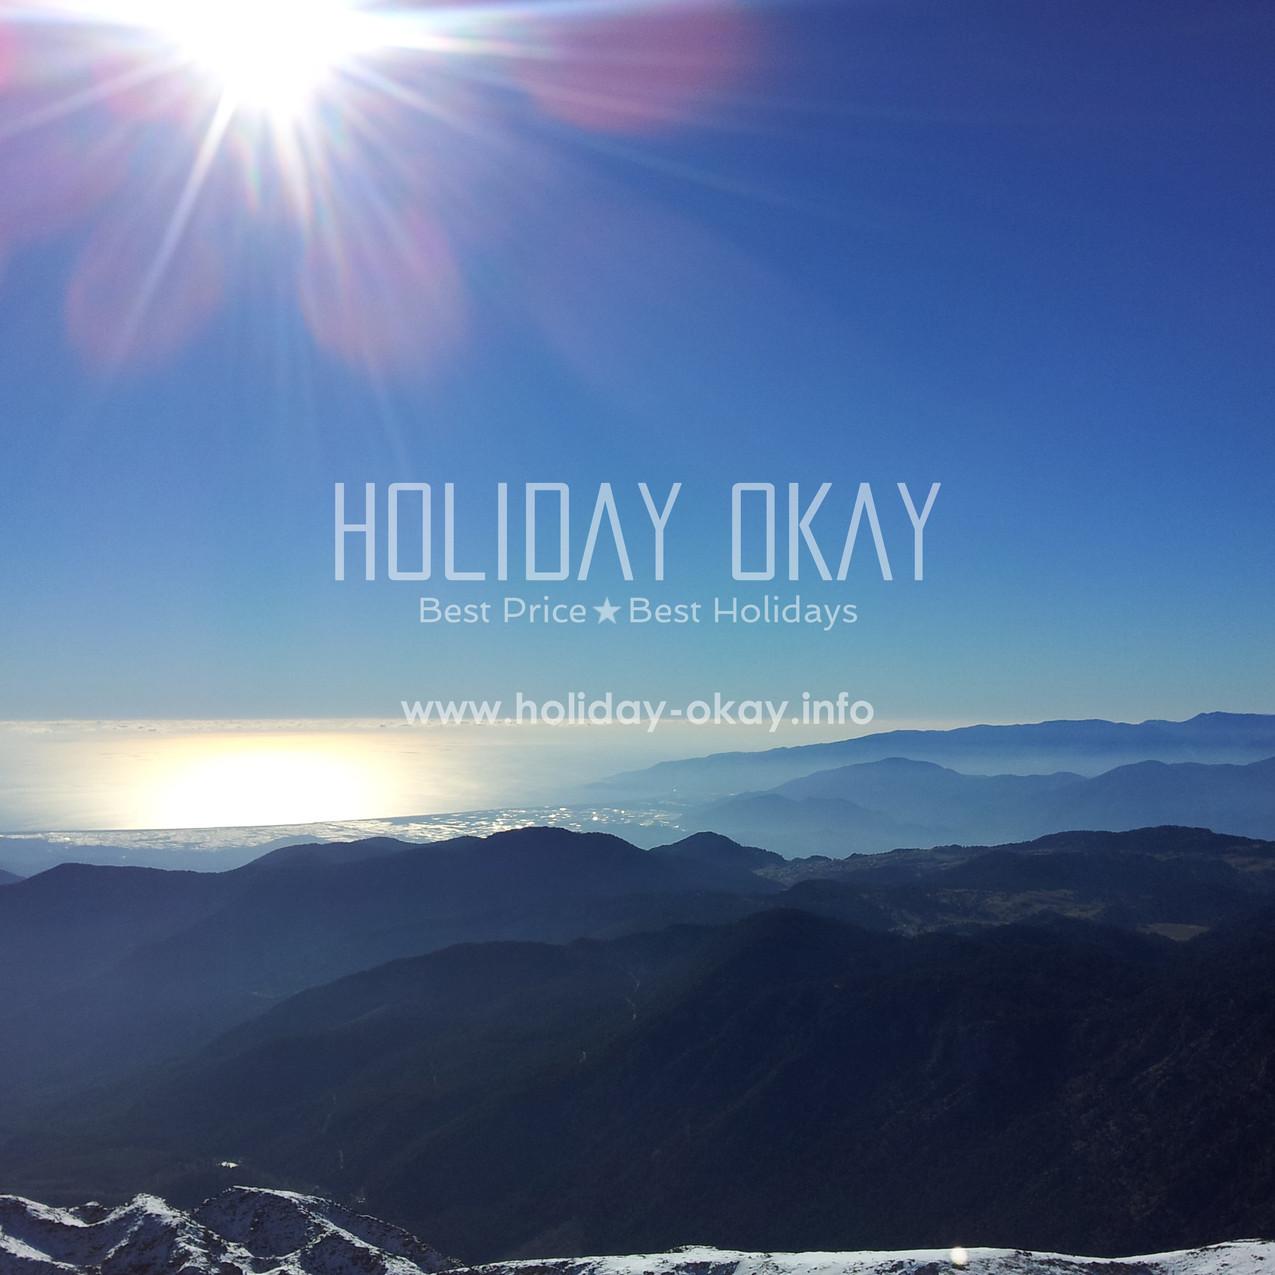 HOLIDAY OKAY | SEA TO SKY